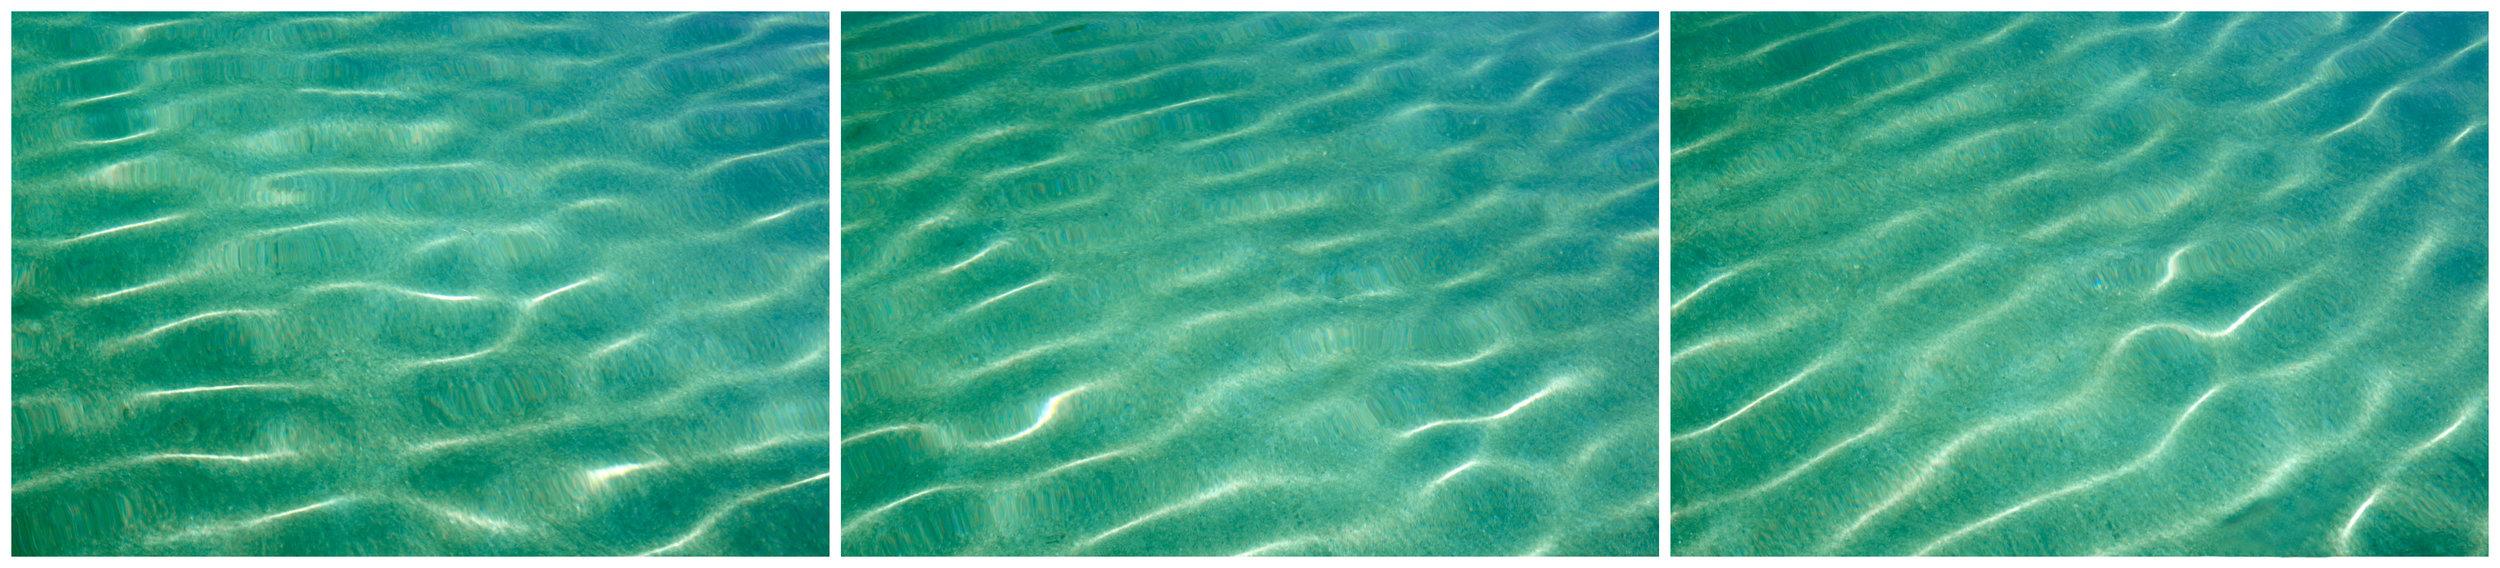 WAVY TRYP.jpg